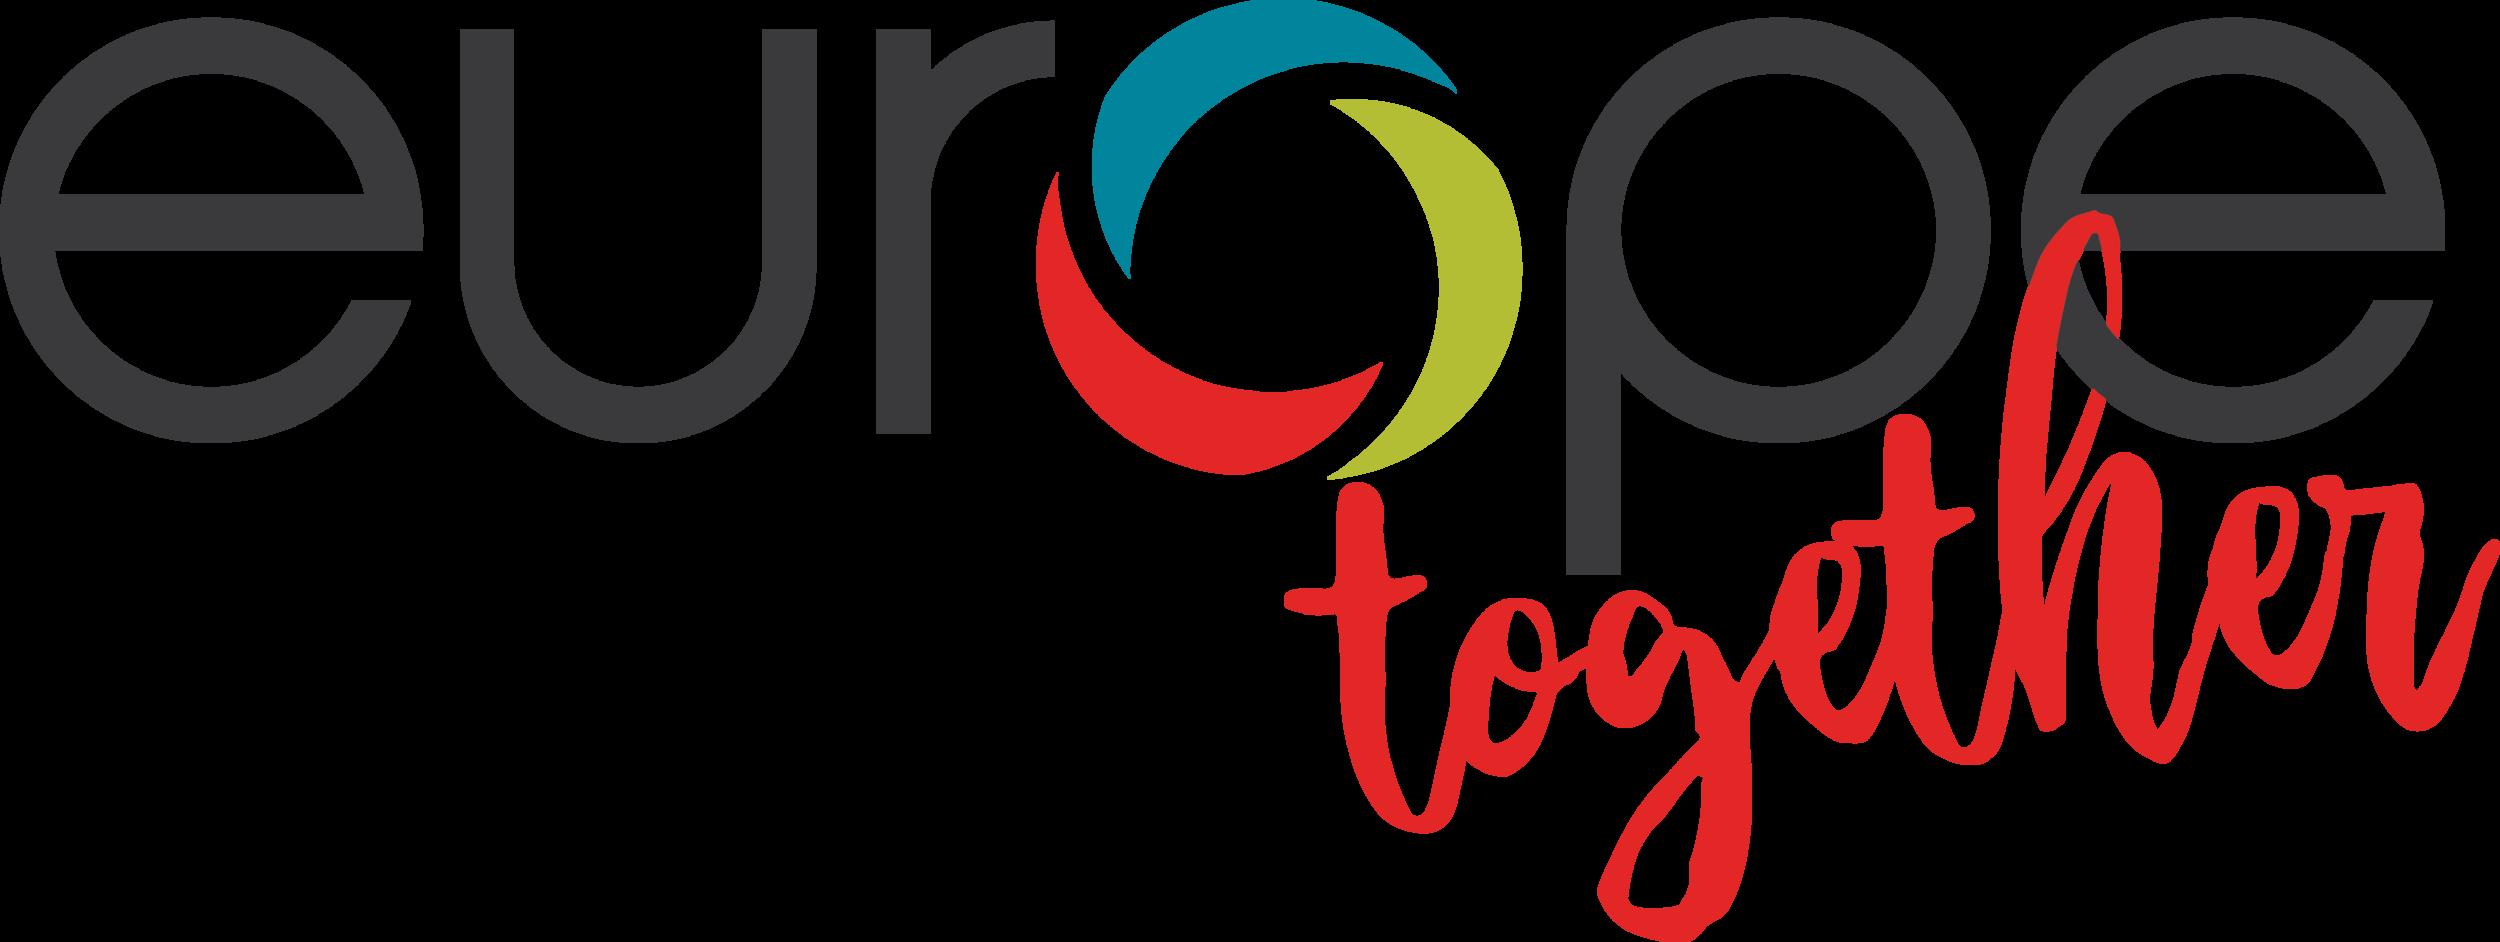 Europe Together Logo - 2019.png